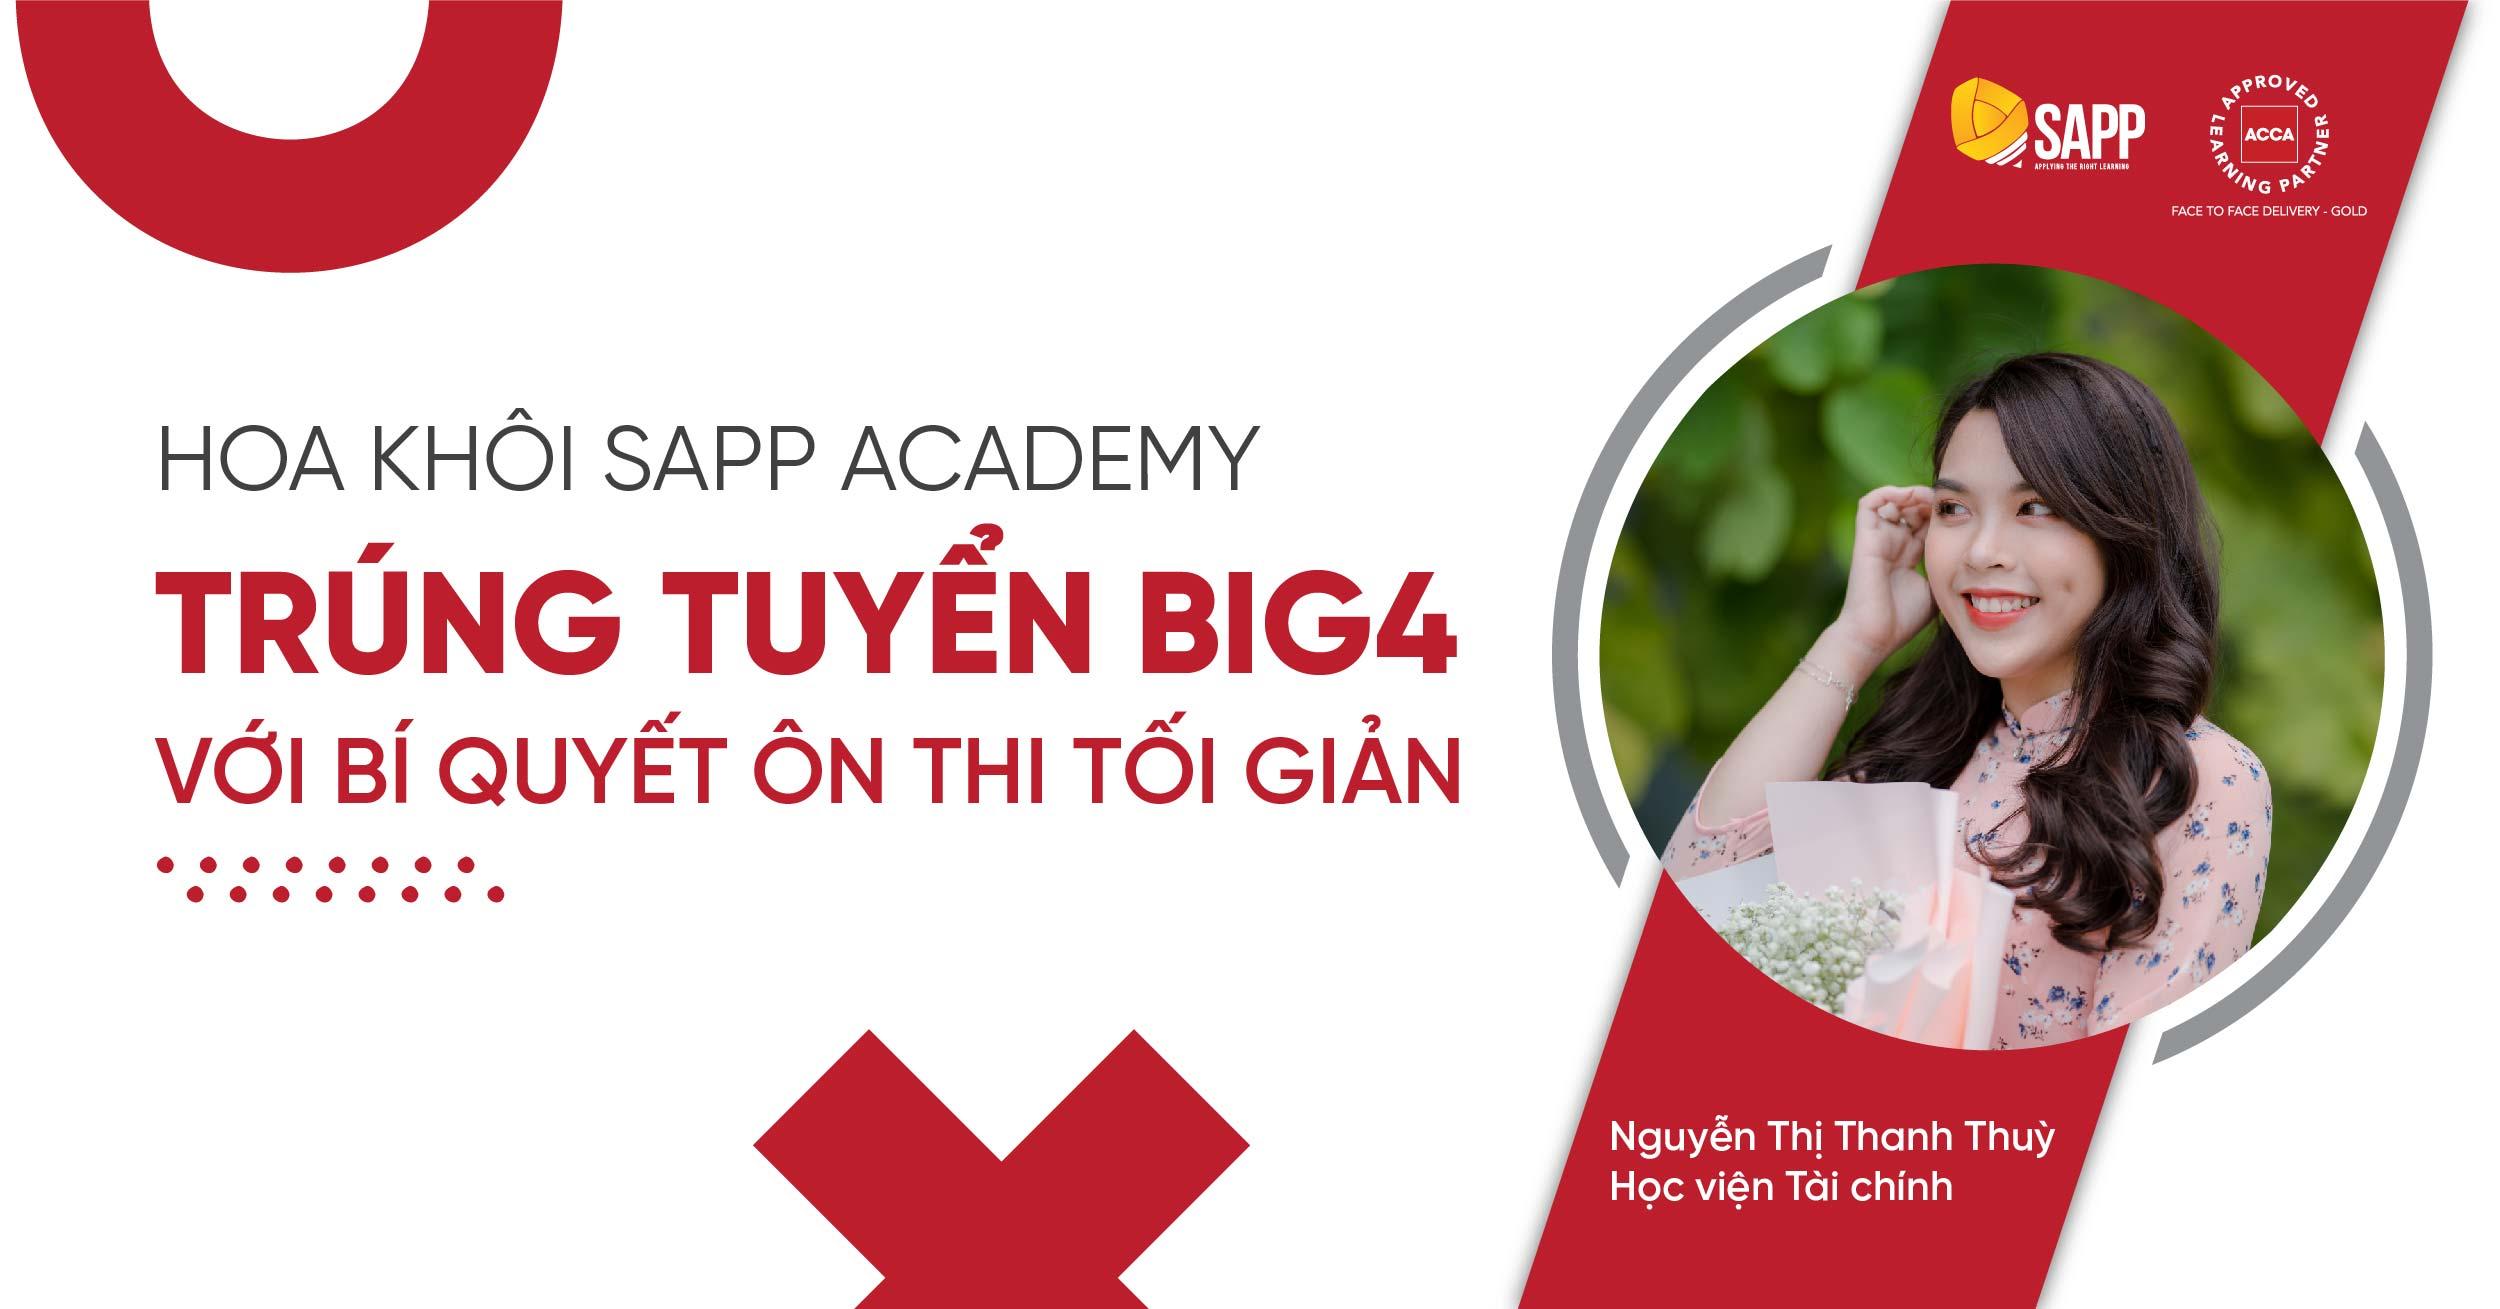 THANH THÙY - HOA KHÔI SAPP ACADEMY TRÚNG TUYỂN BIG4 VỚI BÍ QUYẾT ÔN THI TỐI GIẢN